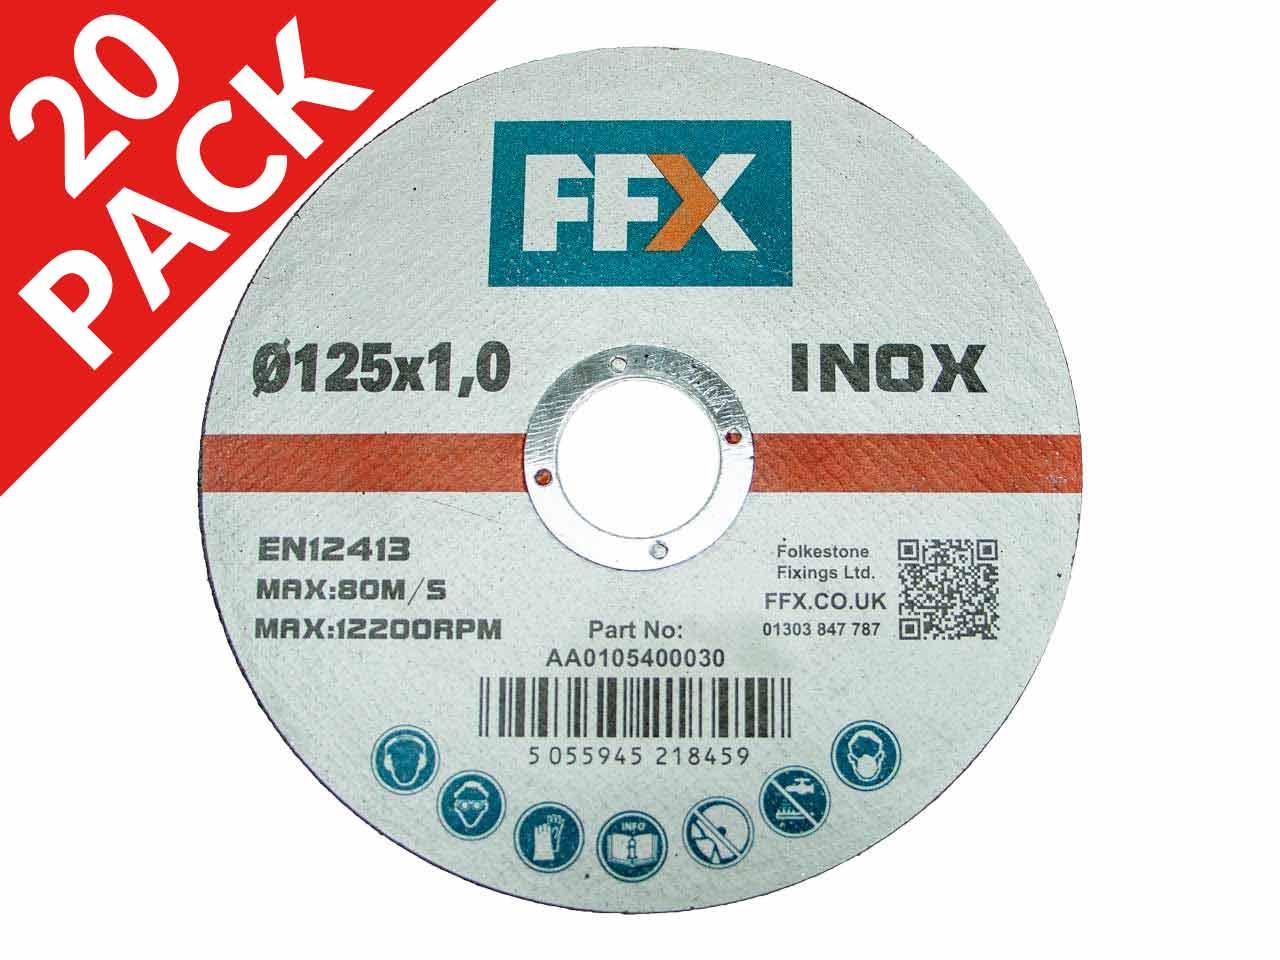 FFX_AA010540003020.jpg